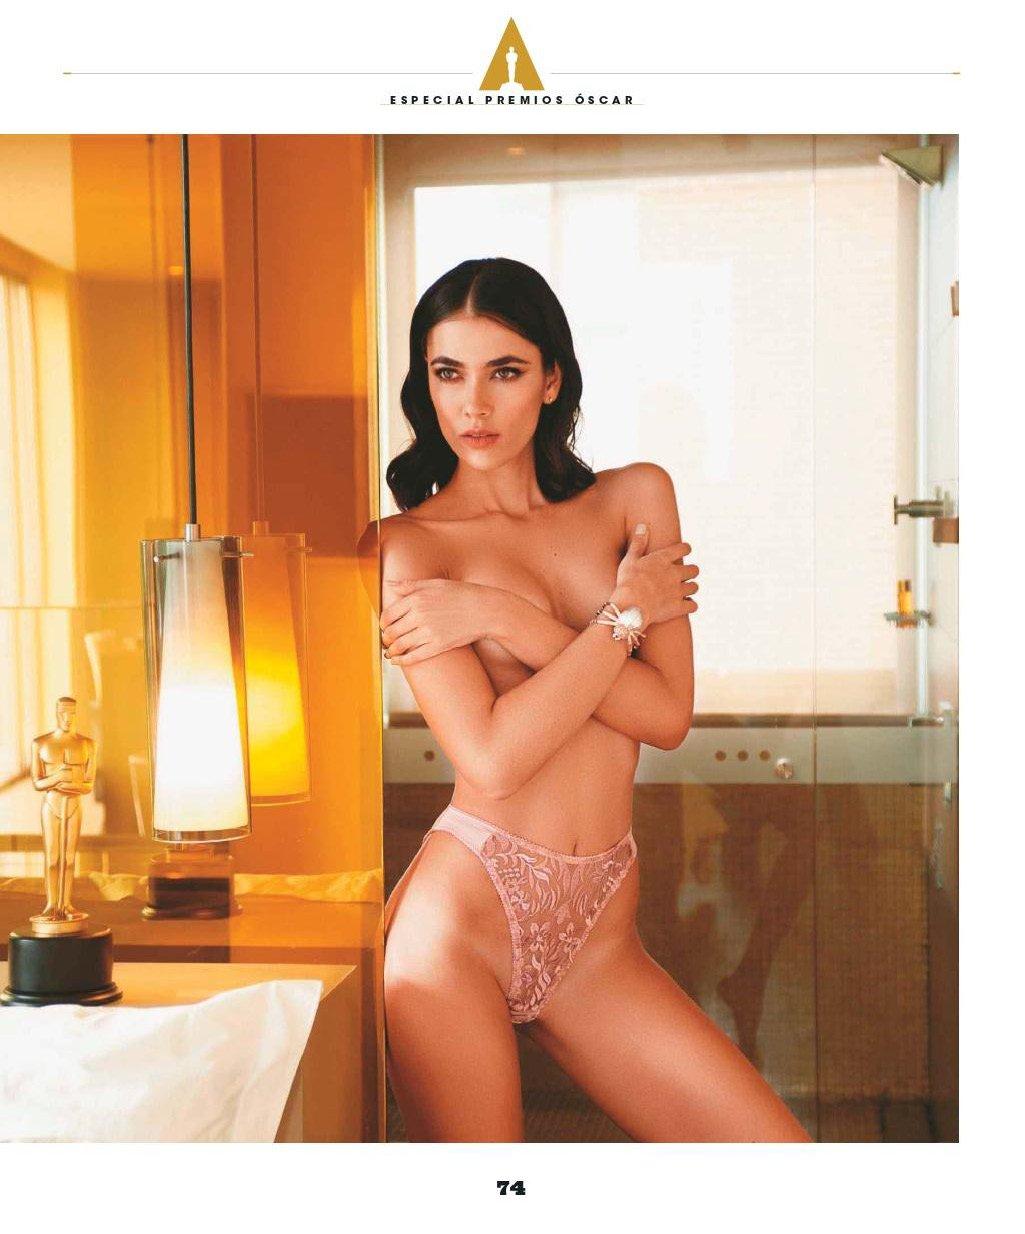 Marly velasquez nude sexy pics